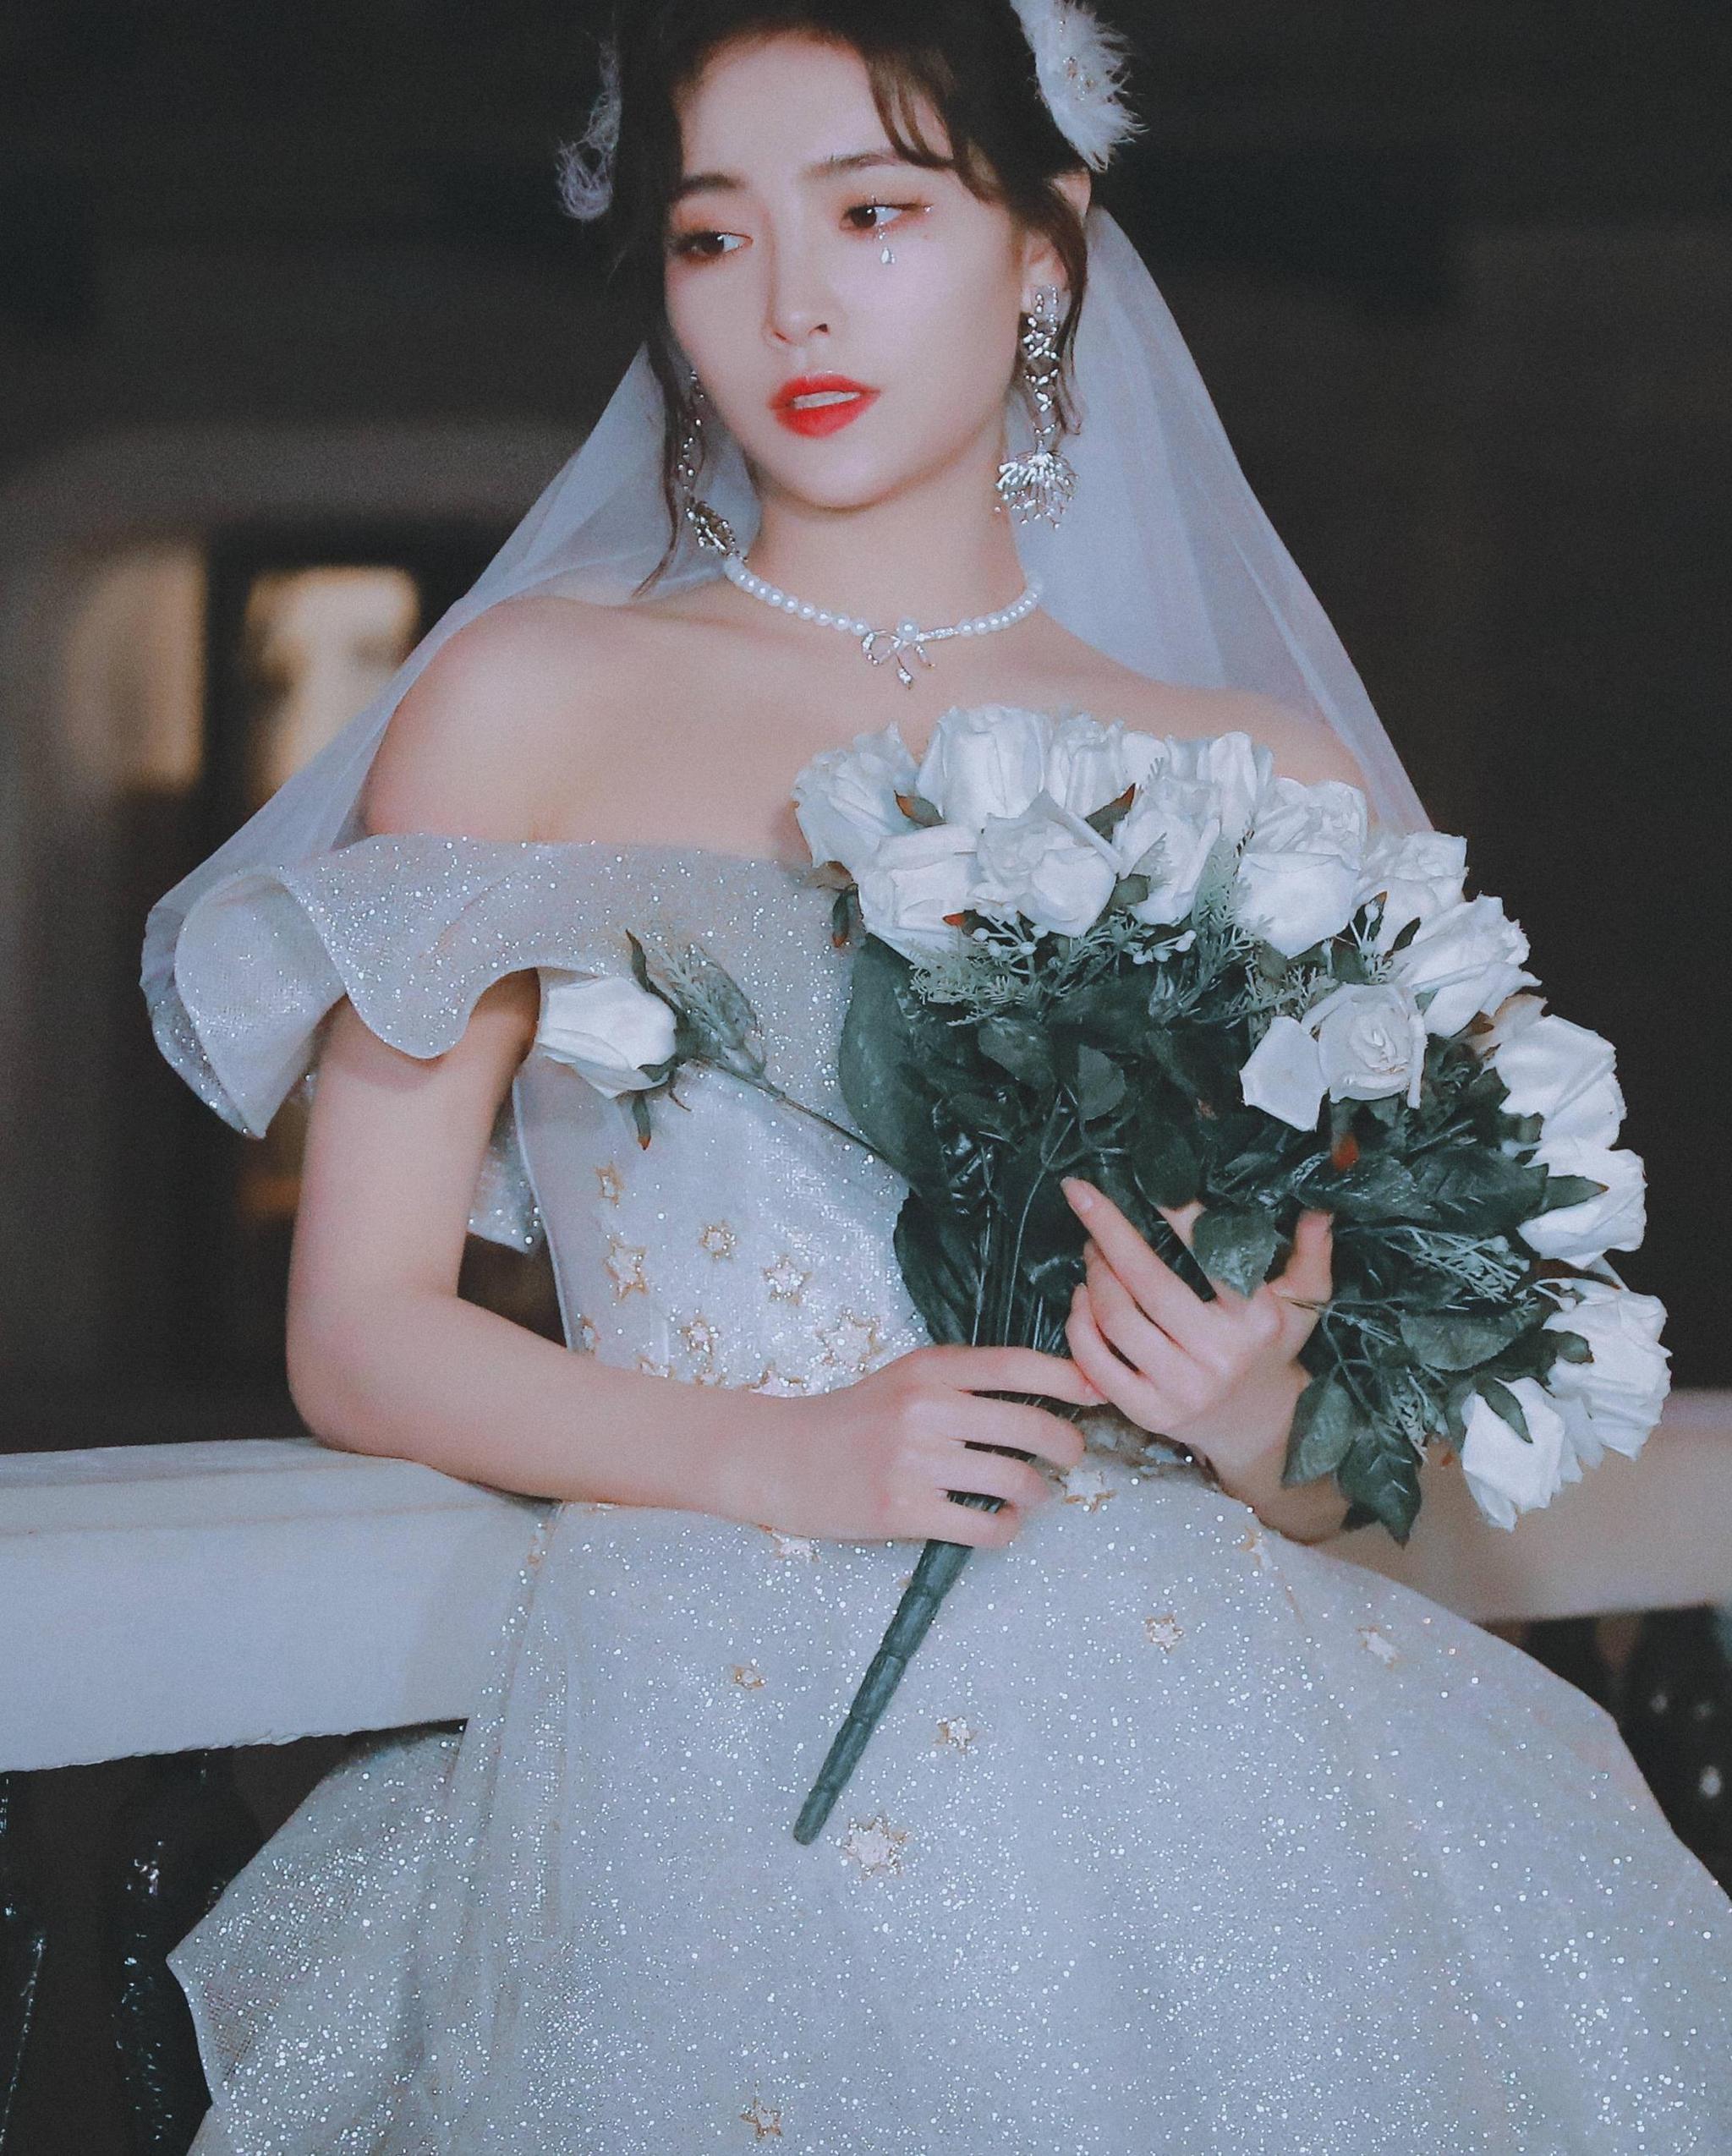 许佳琪的私服够好看了,当她穿上婚纱,我才知道啥叫美丽动人